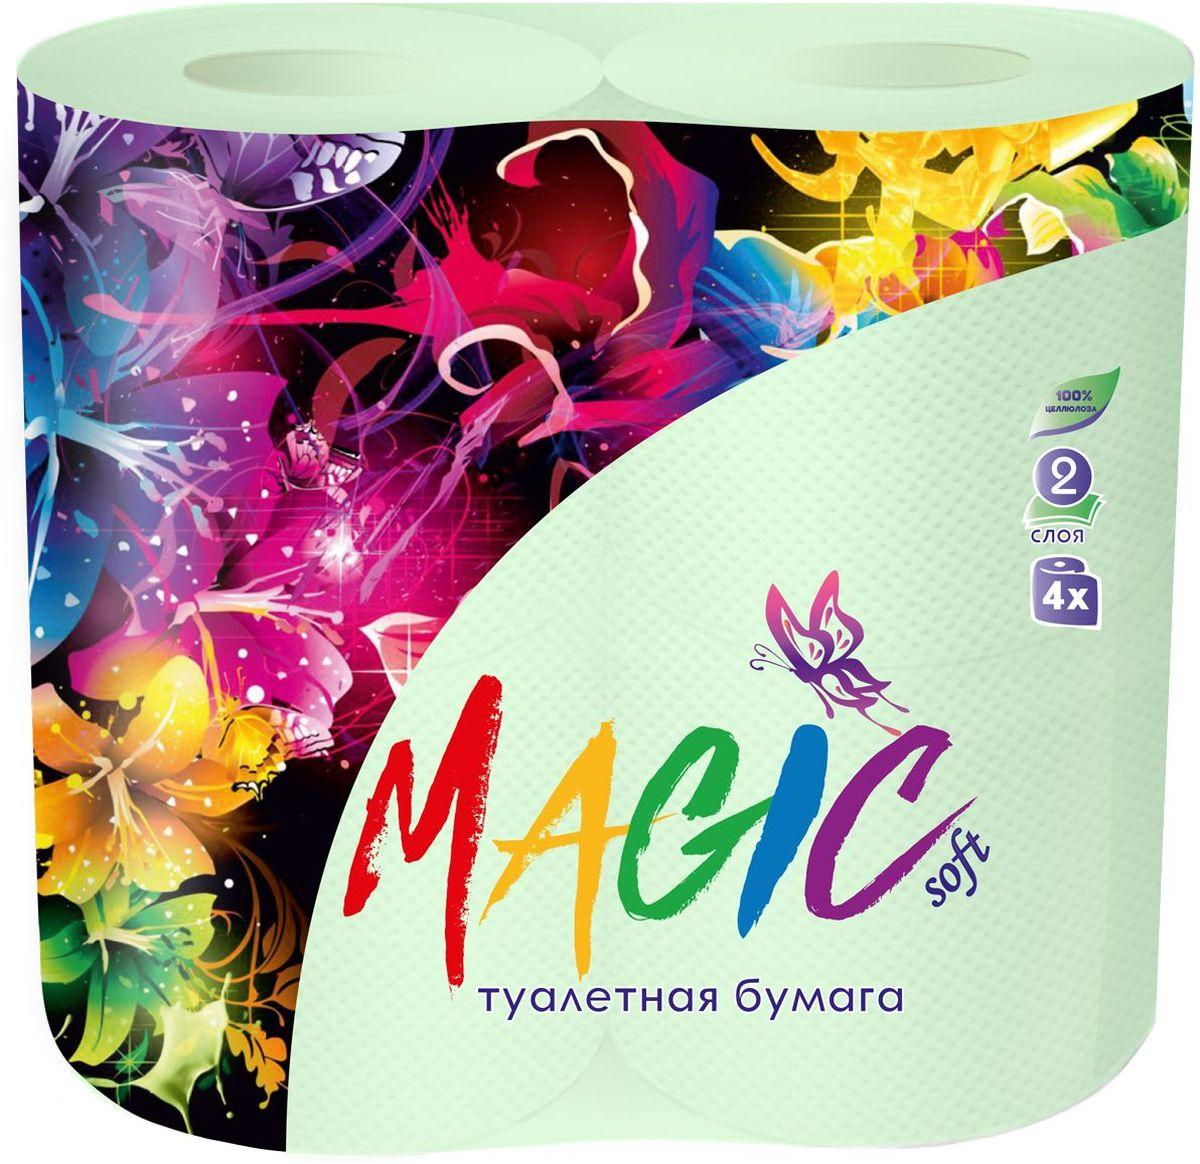 Туалетная бумага Magic Soft, цвет: зеленый, 4 рулона20041Для бытового и санитарно-гигиенического назначения. Одноразового использования.